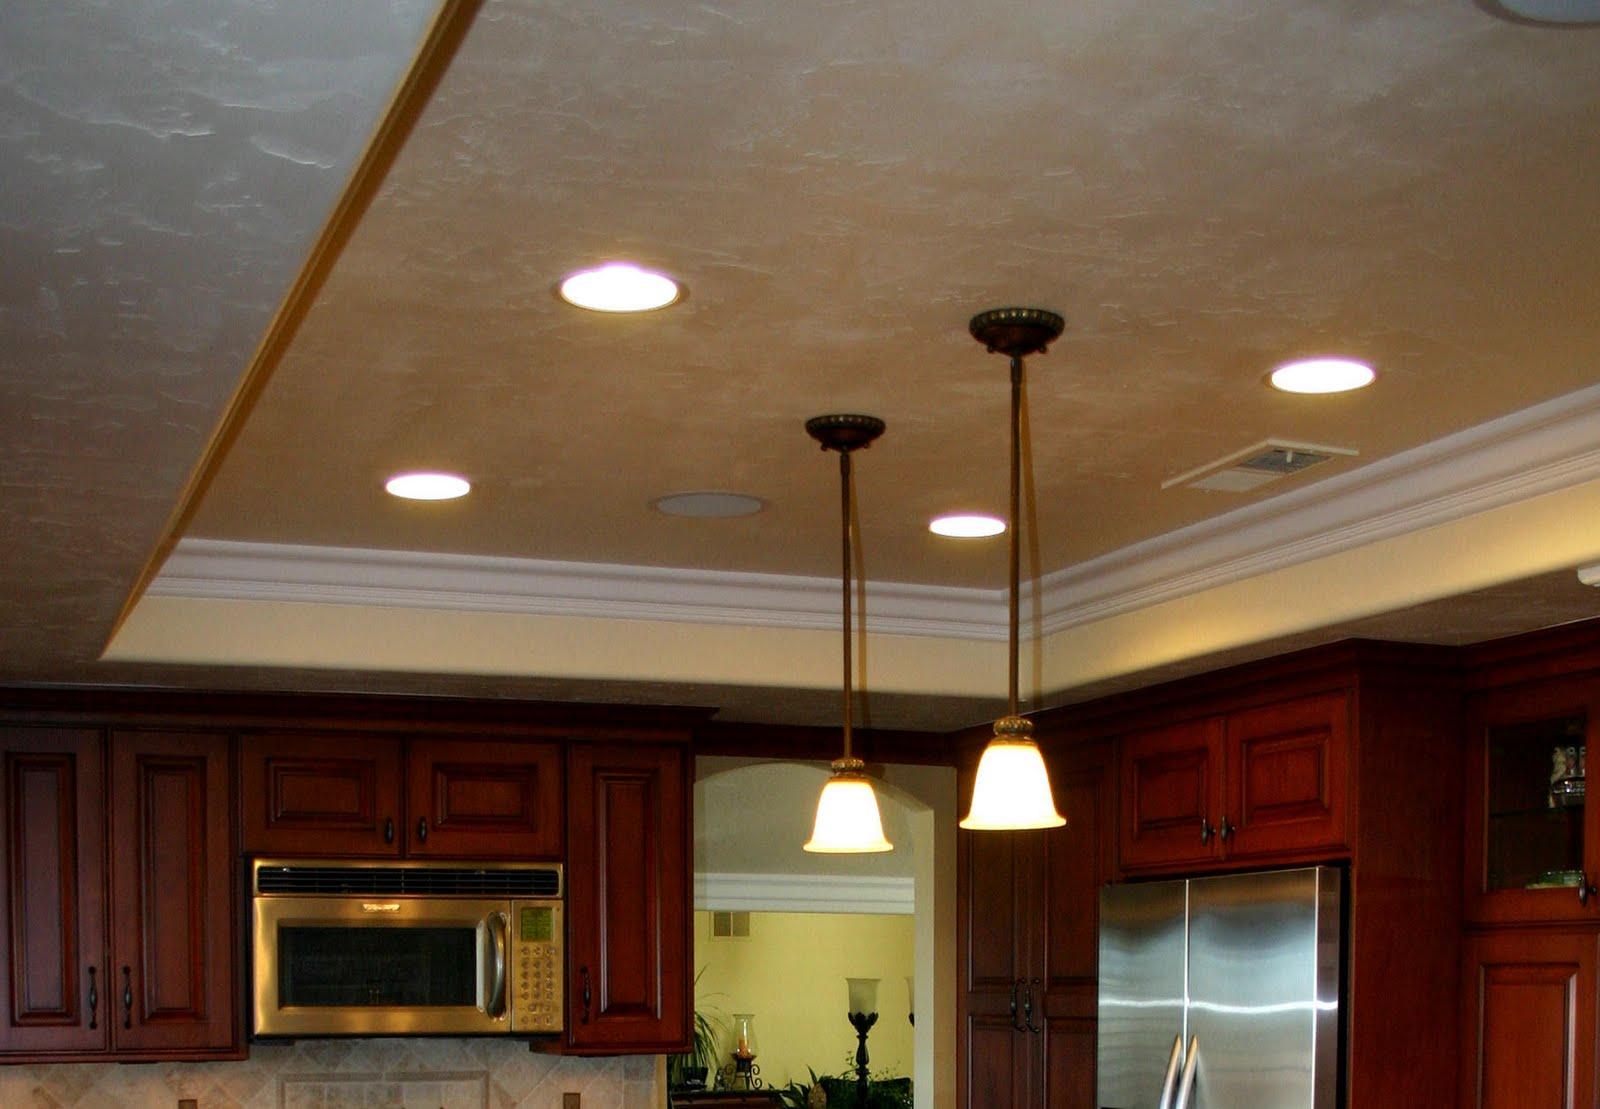 fluorescent light fixtures living room design for top 10 types of drop ceiling lights | warisan lighting